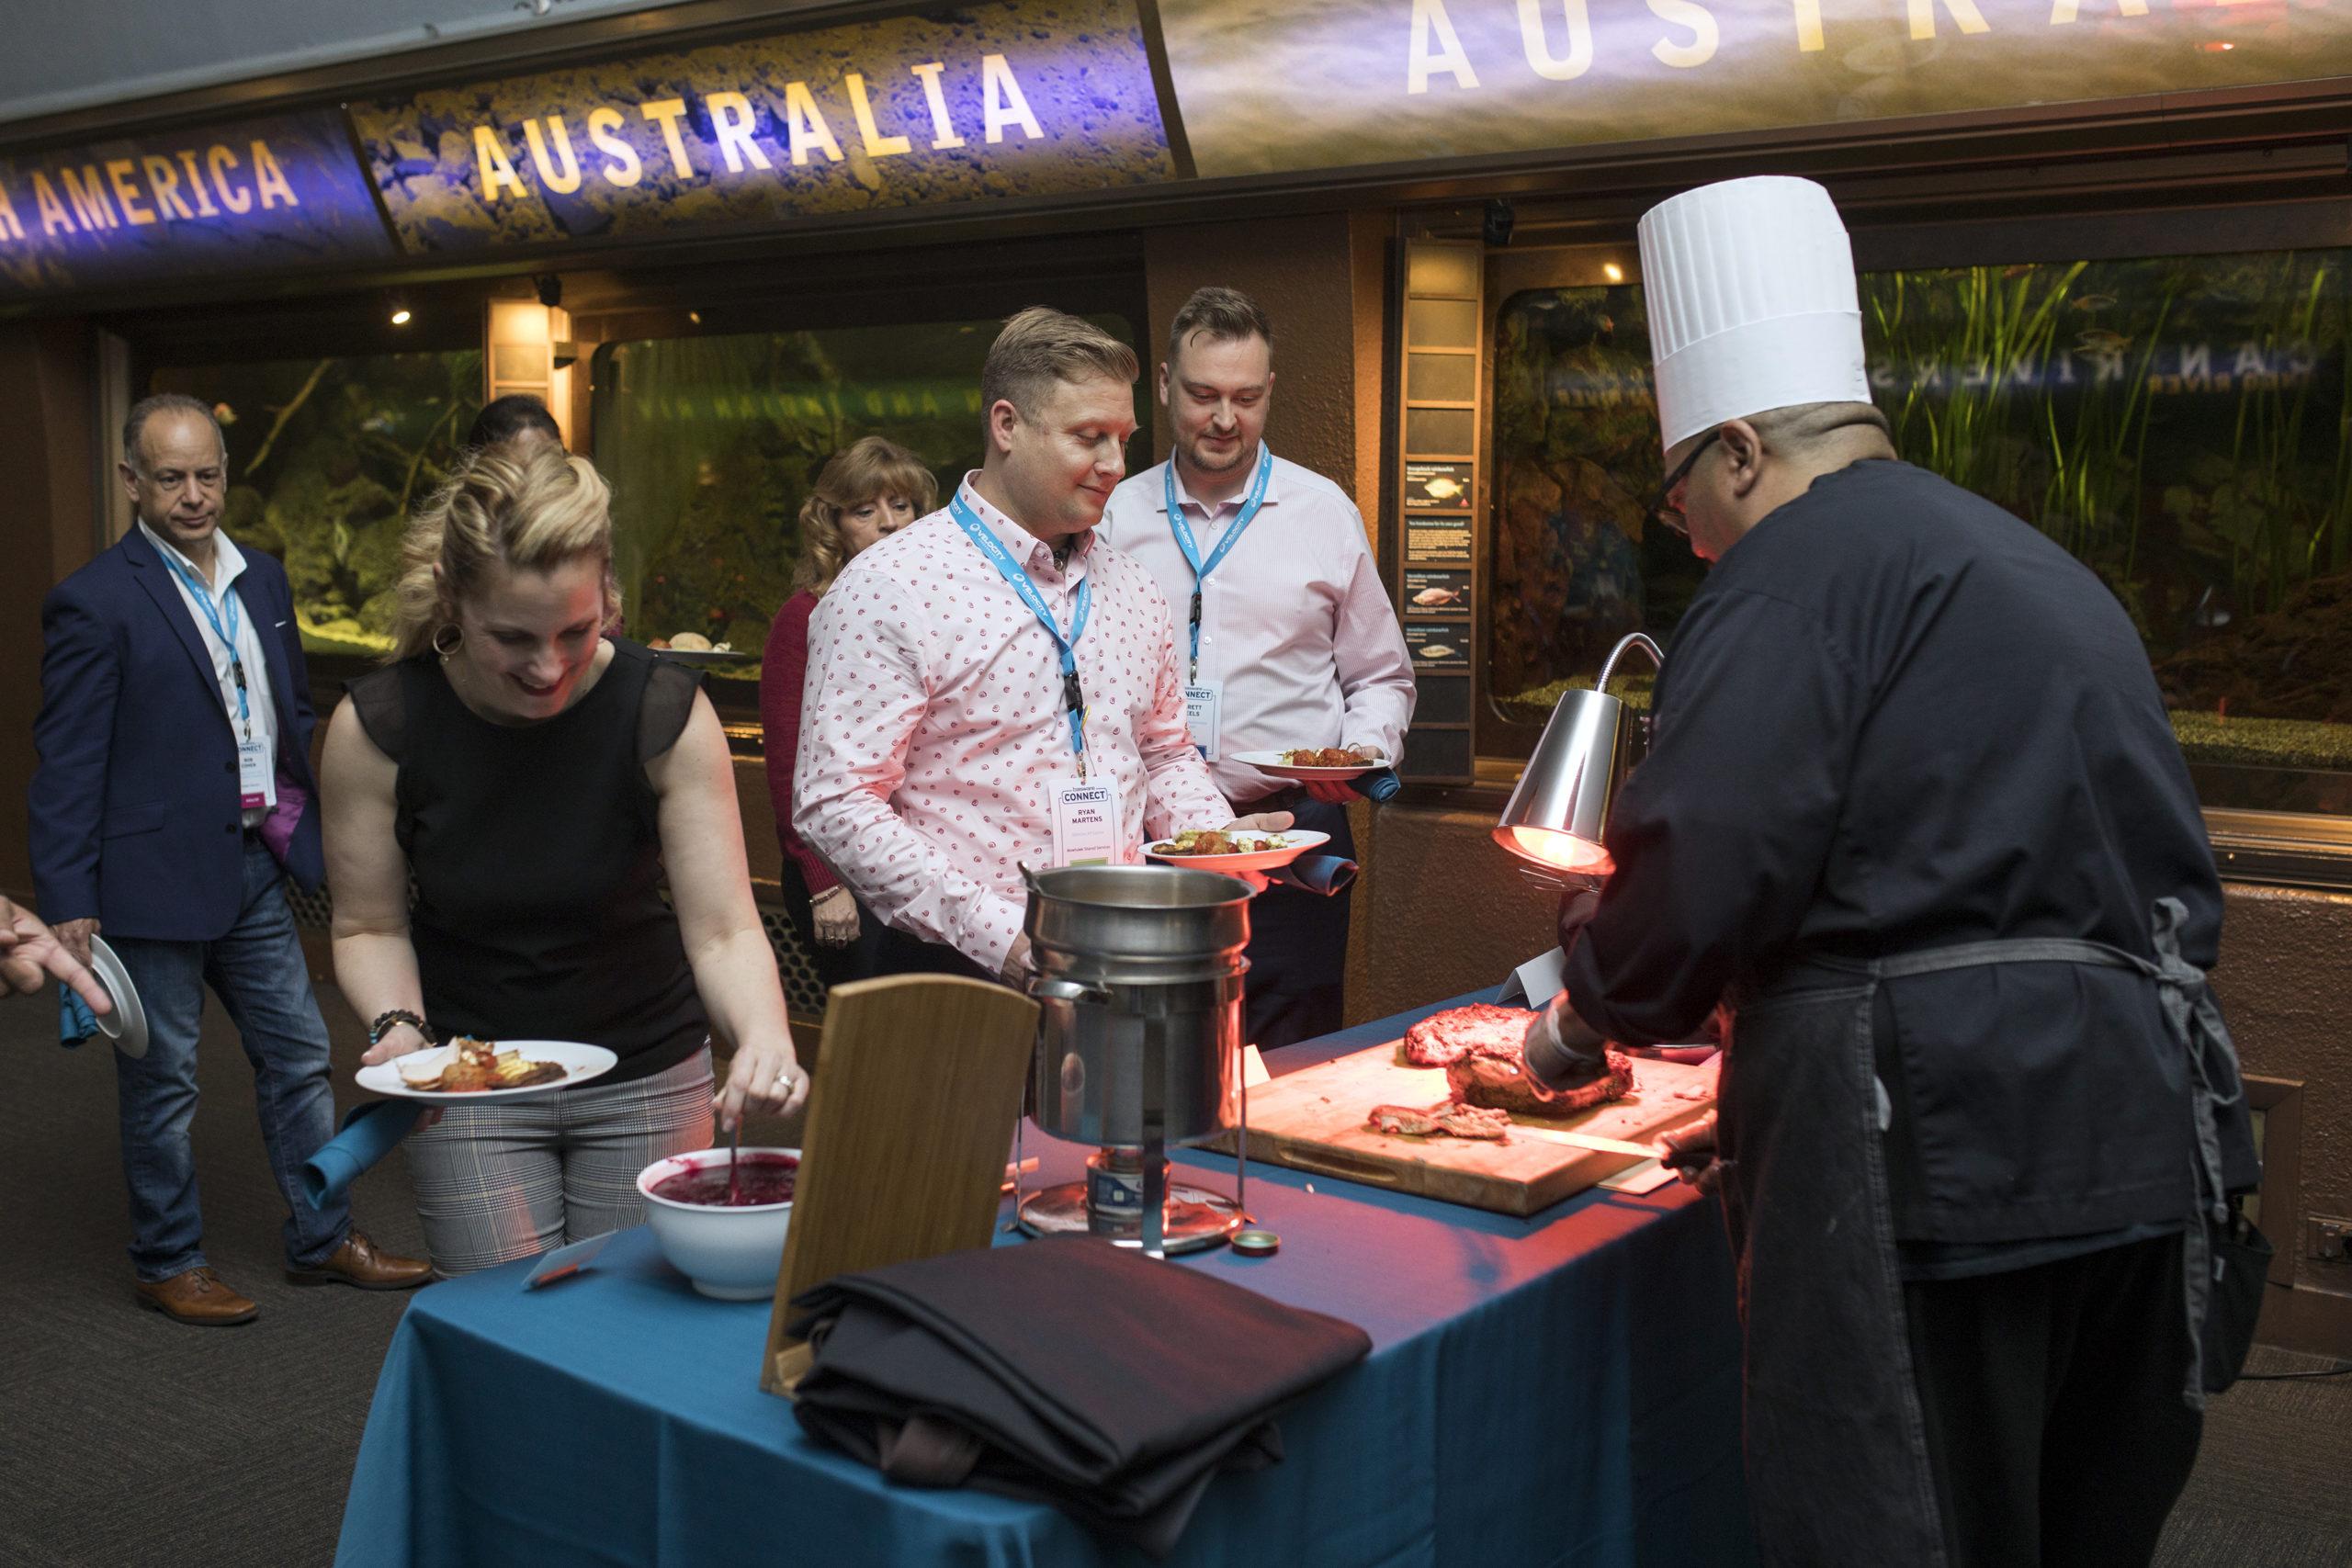 Chef food station at Shedd Aquarium